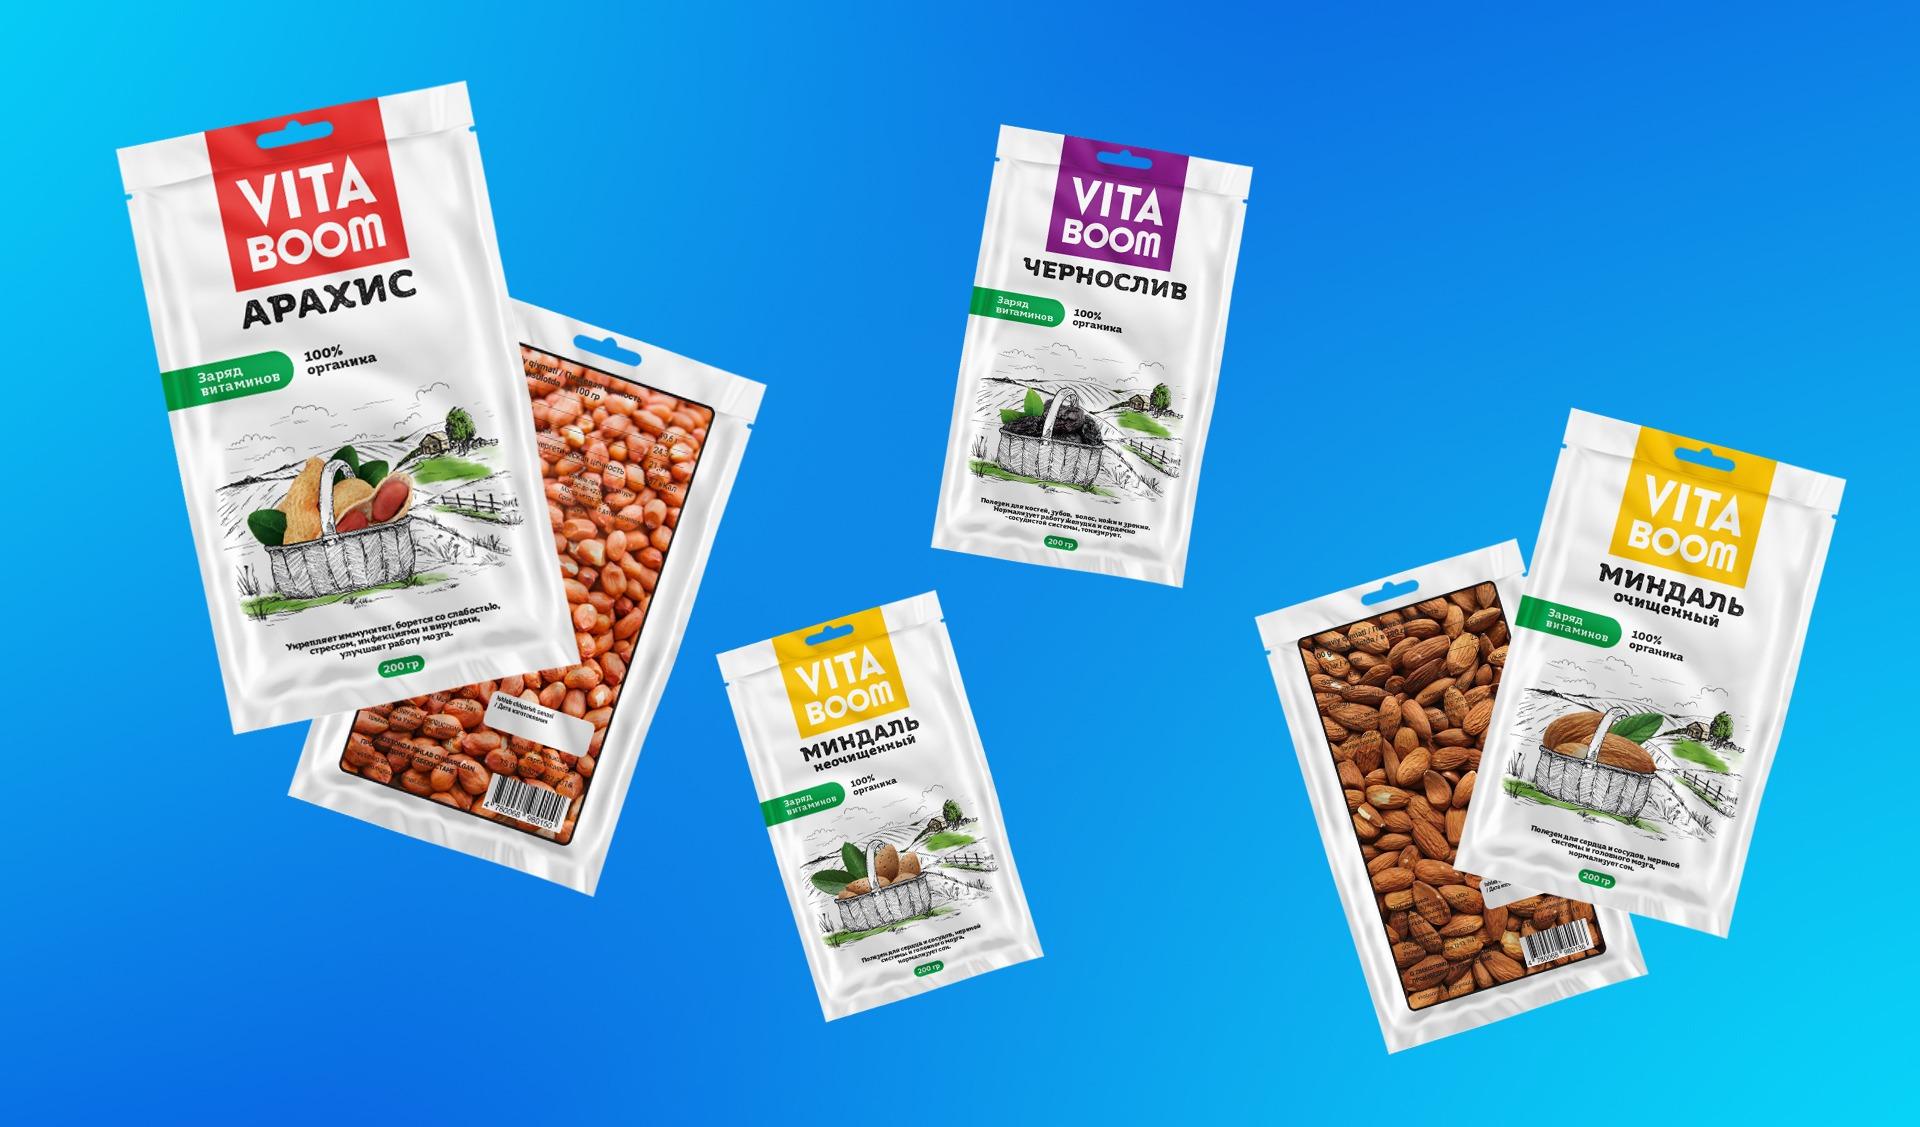 Consumer Friendly Design For Vita Boom By Minim